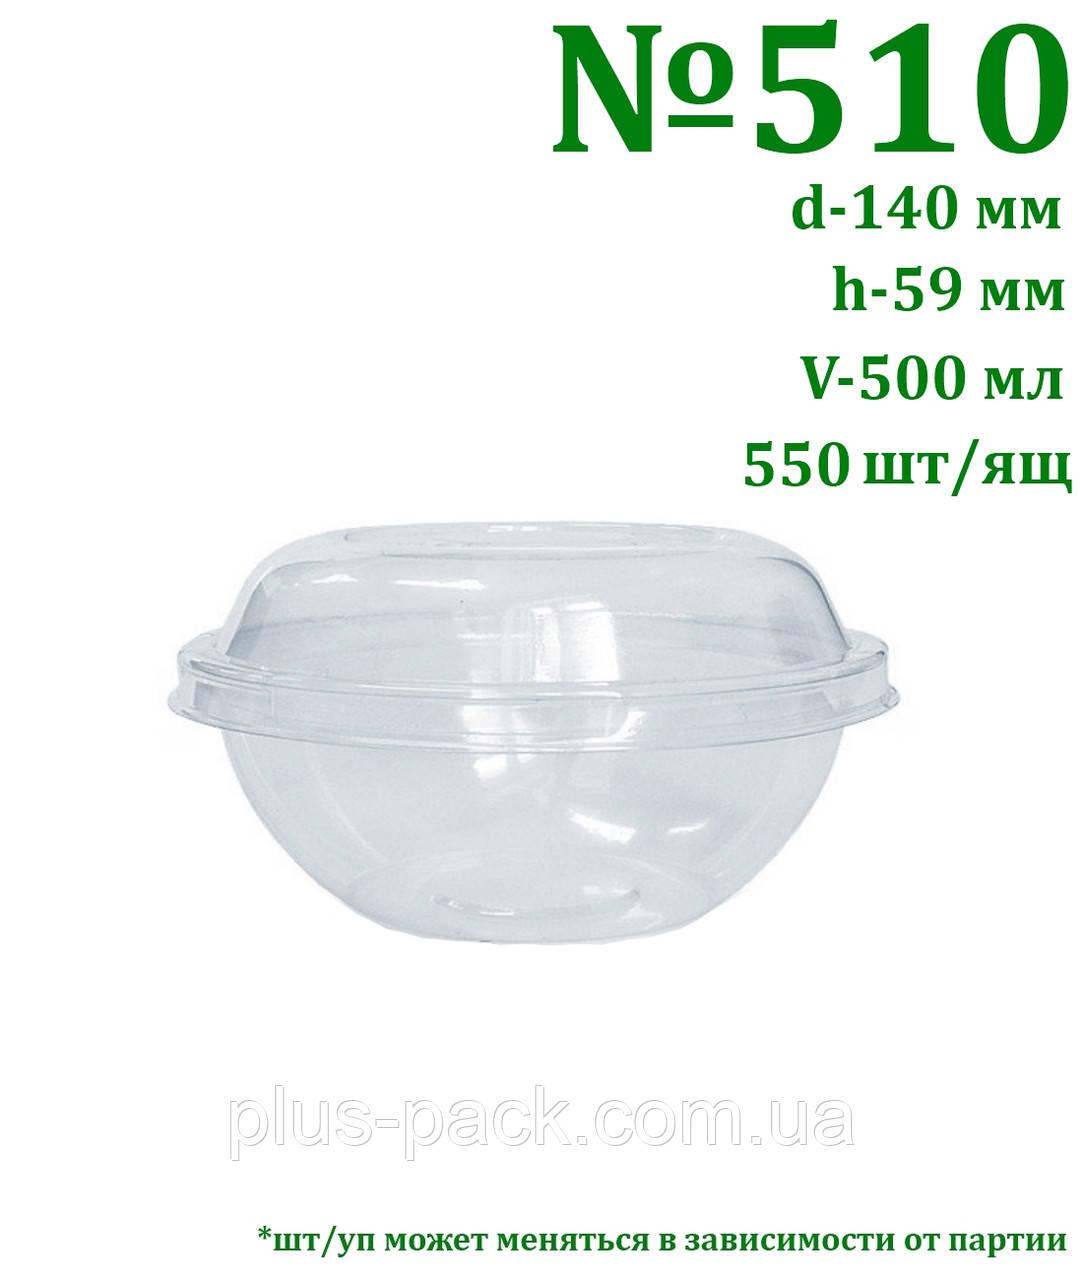 Цілий контейнер для салату (500 мл), одноразовий